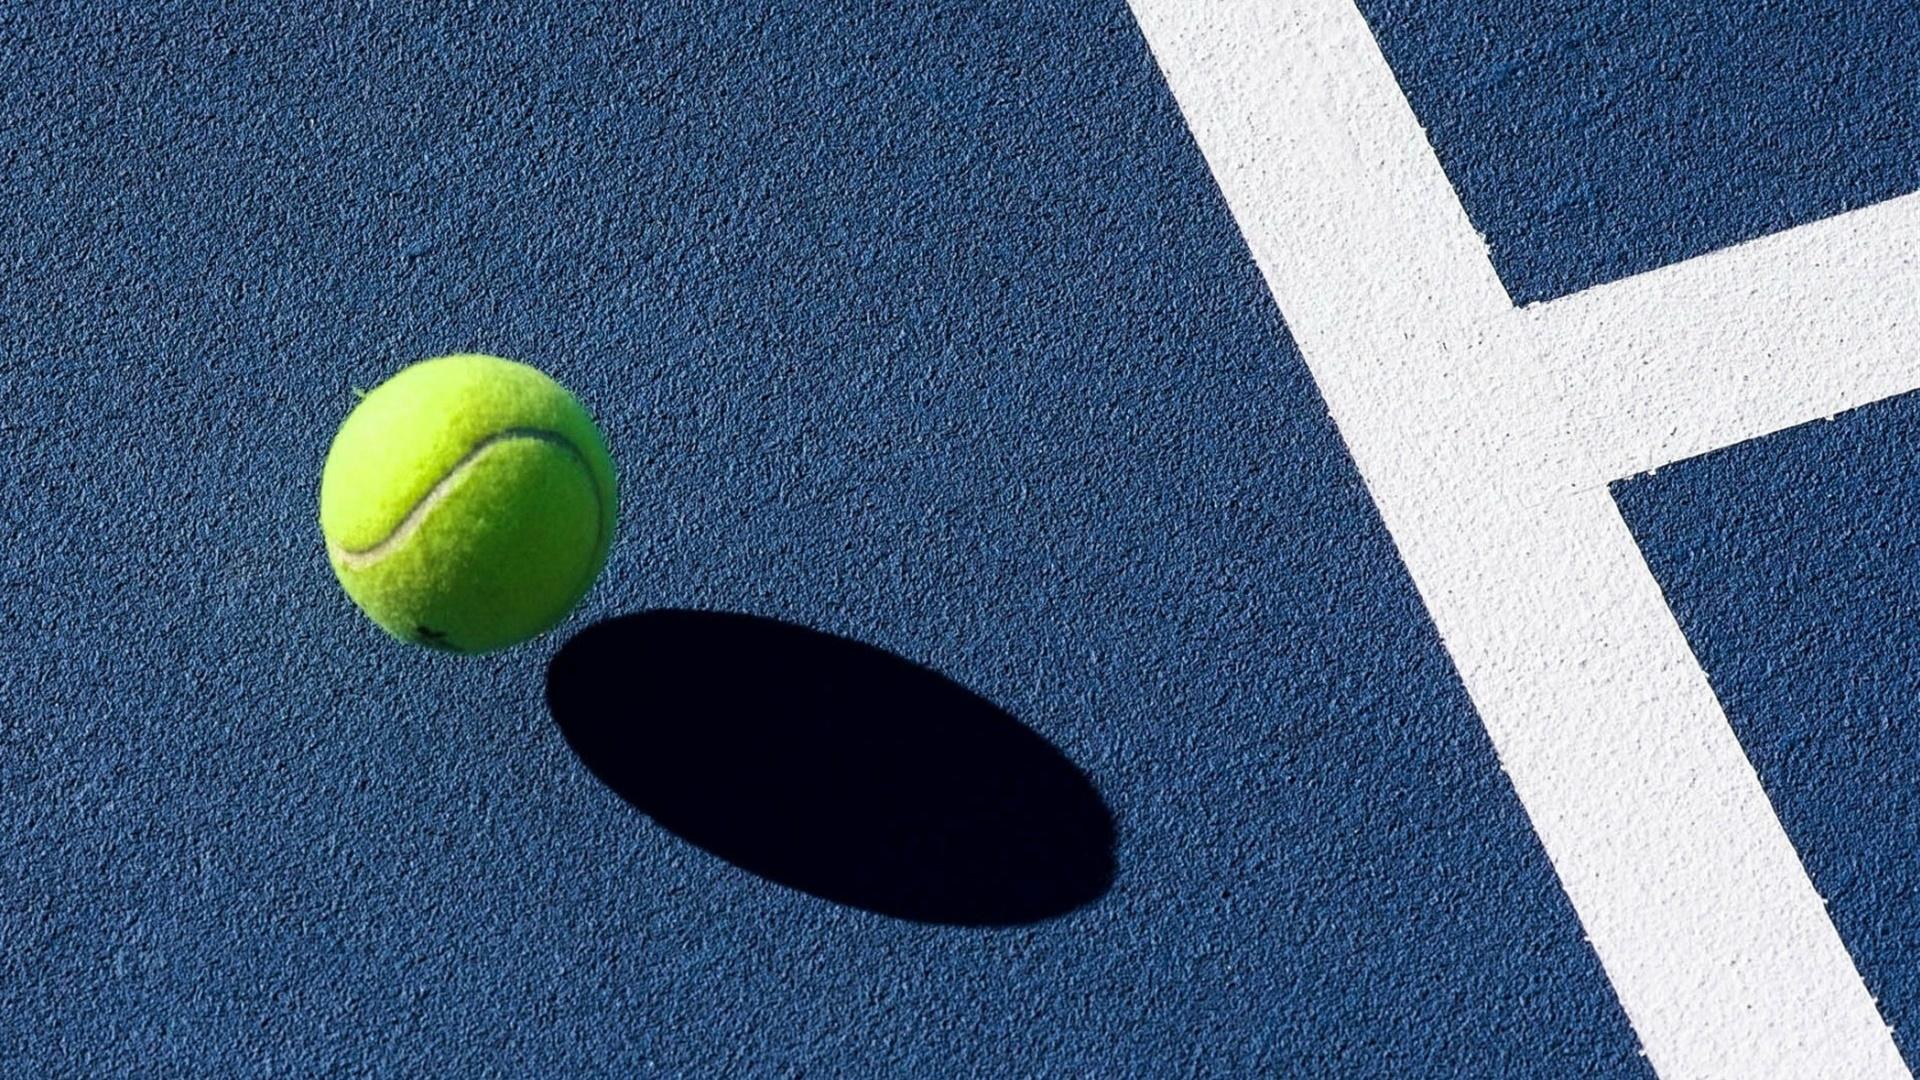 Tennis Ball 1920x1080 wallpaper